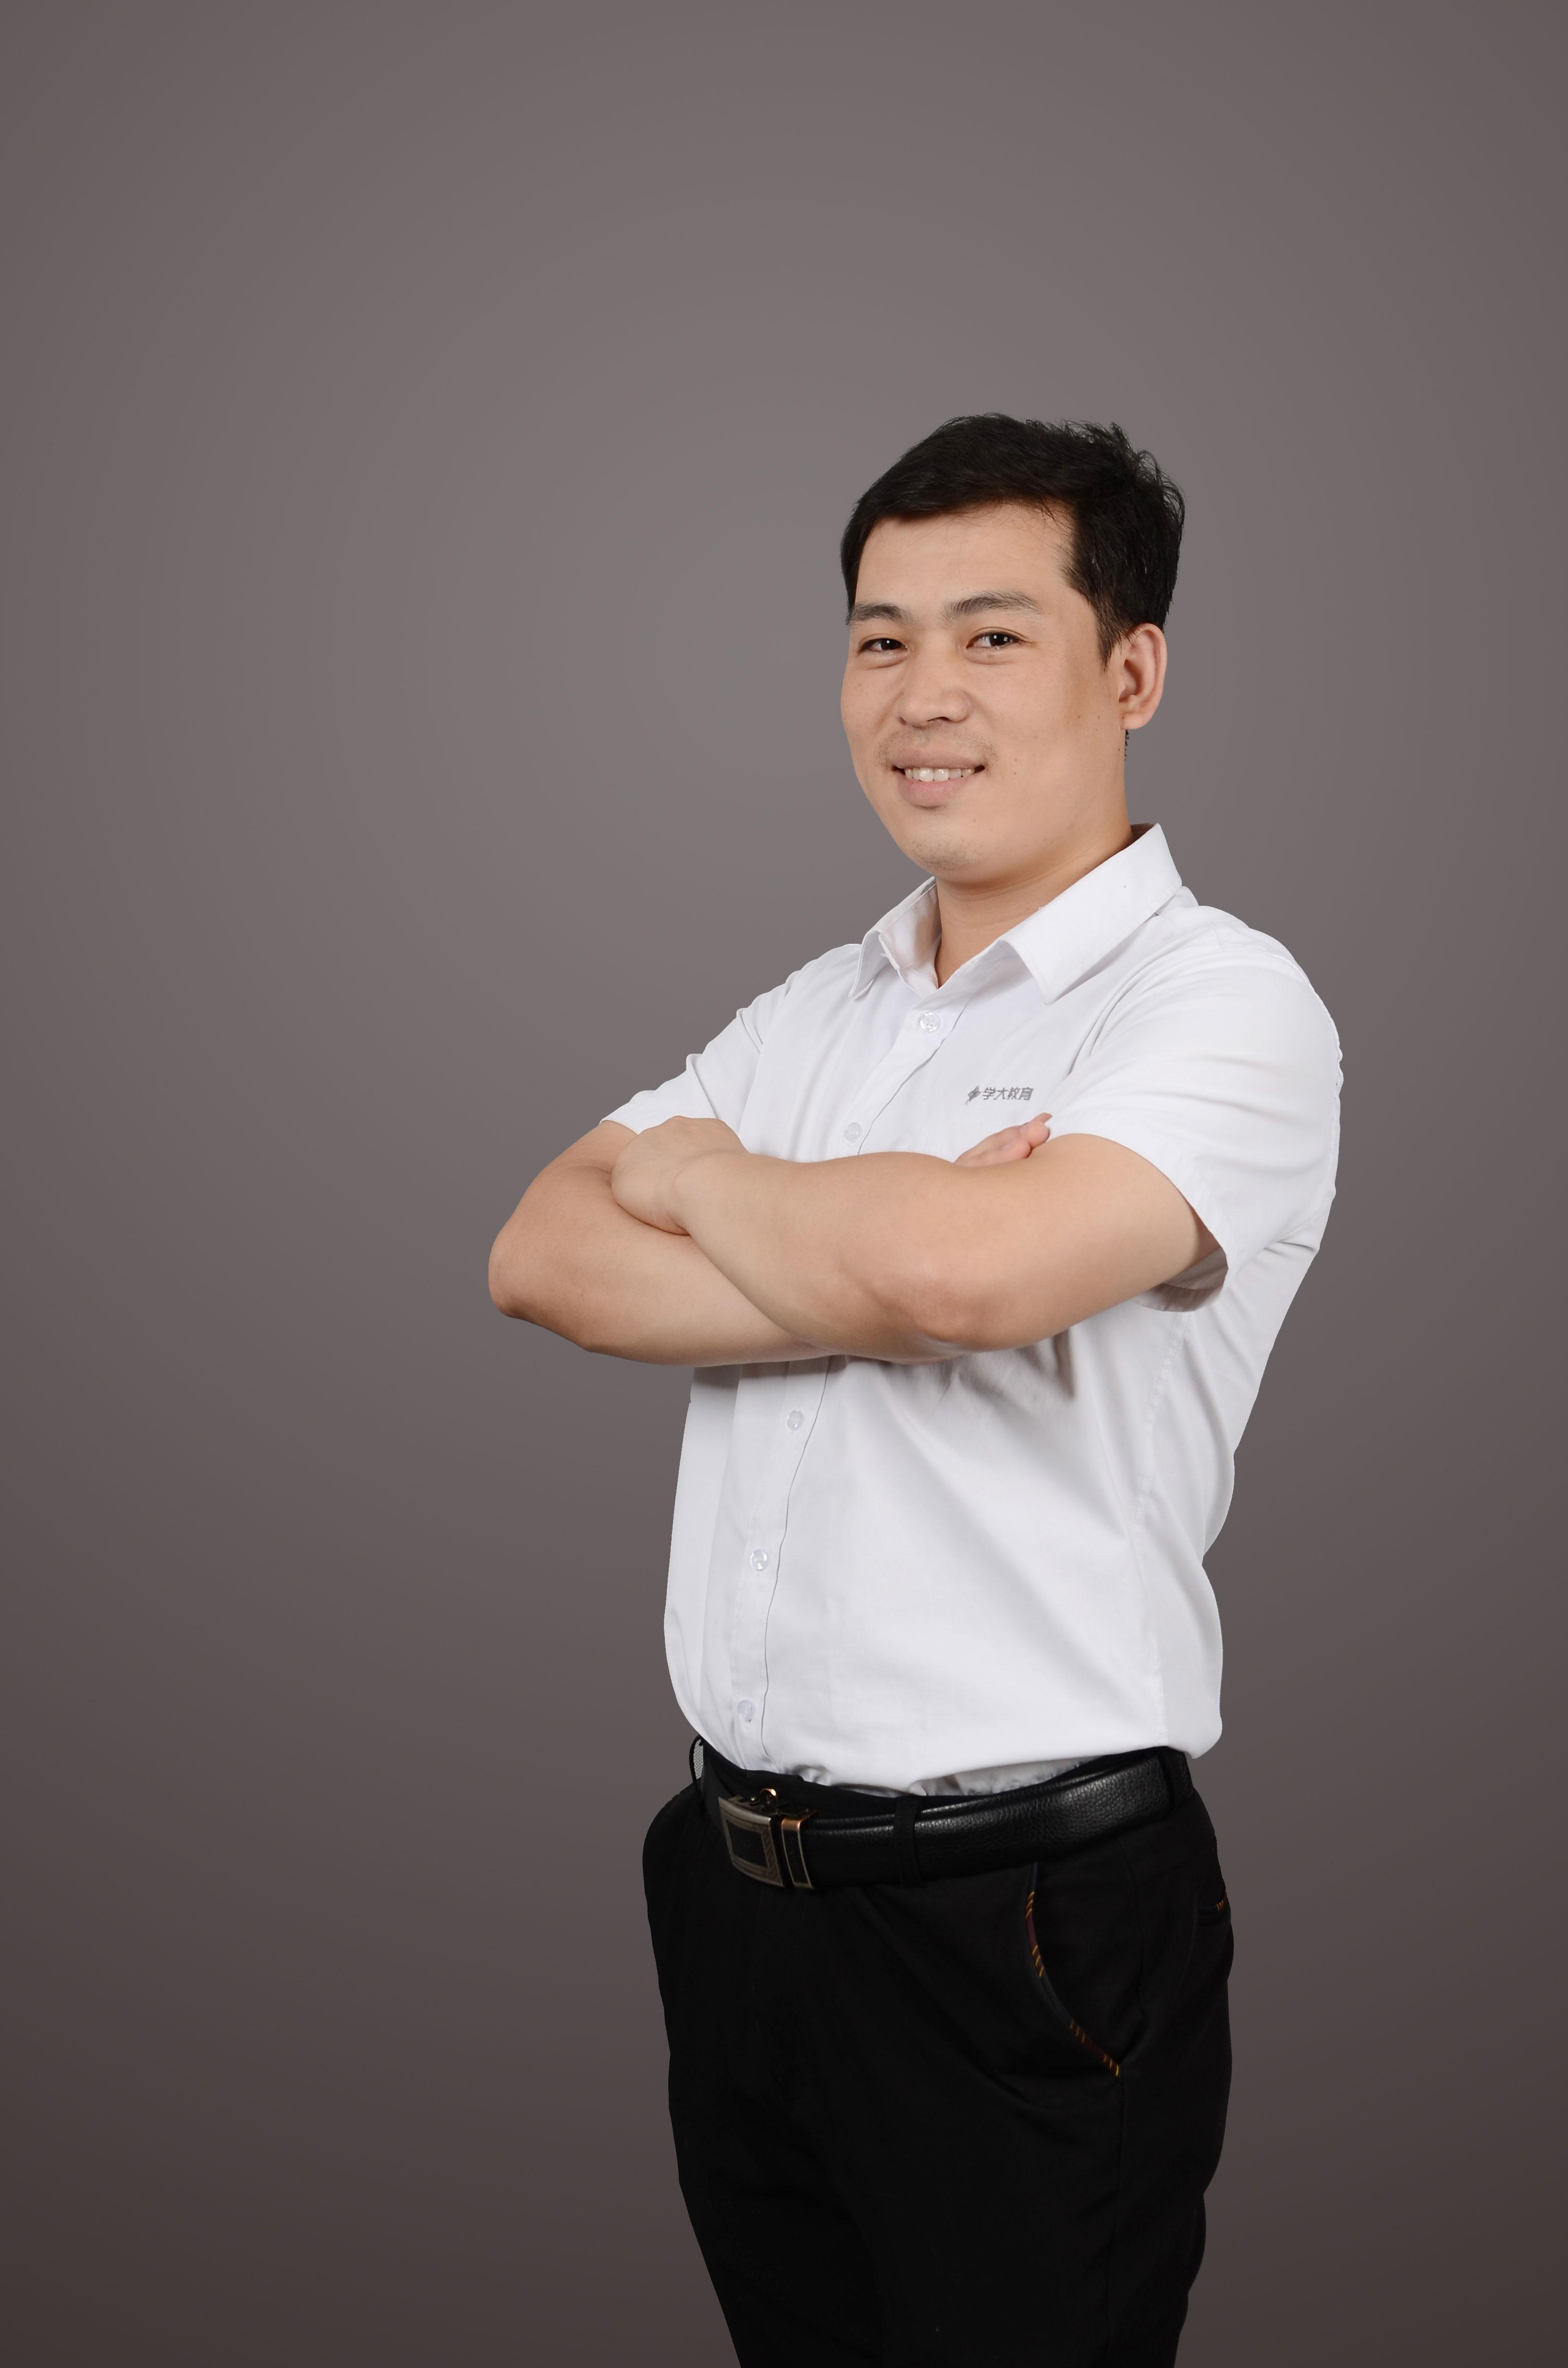 初中老师-初中英语老师_李鸿法